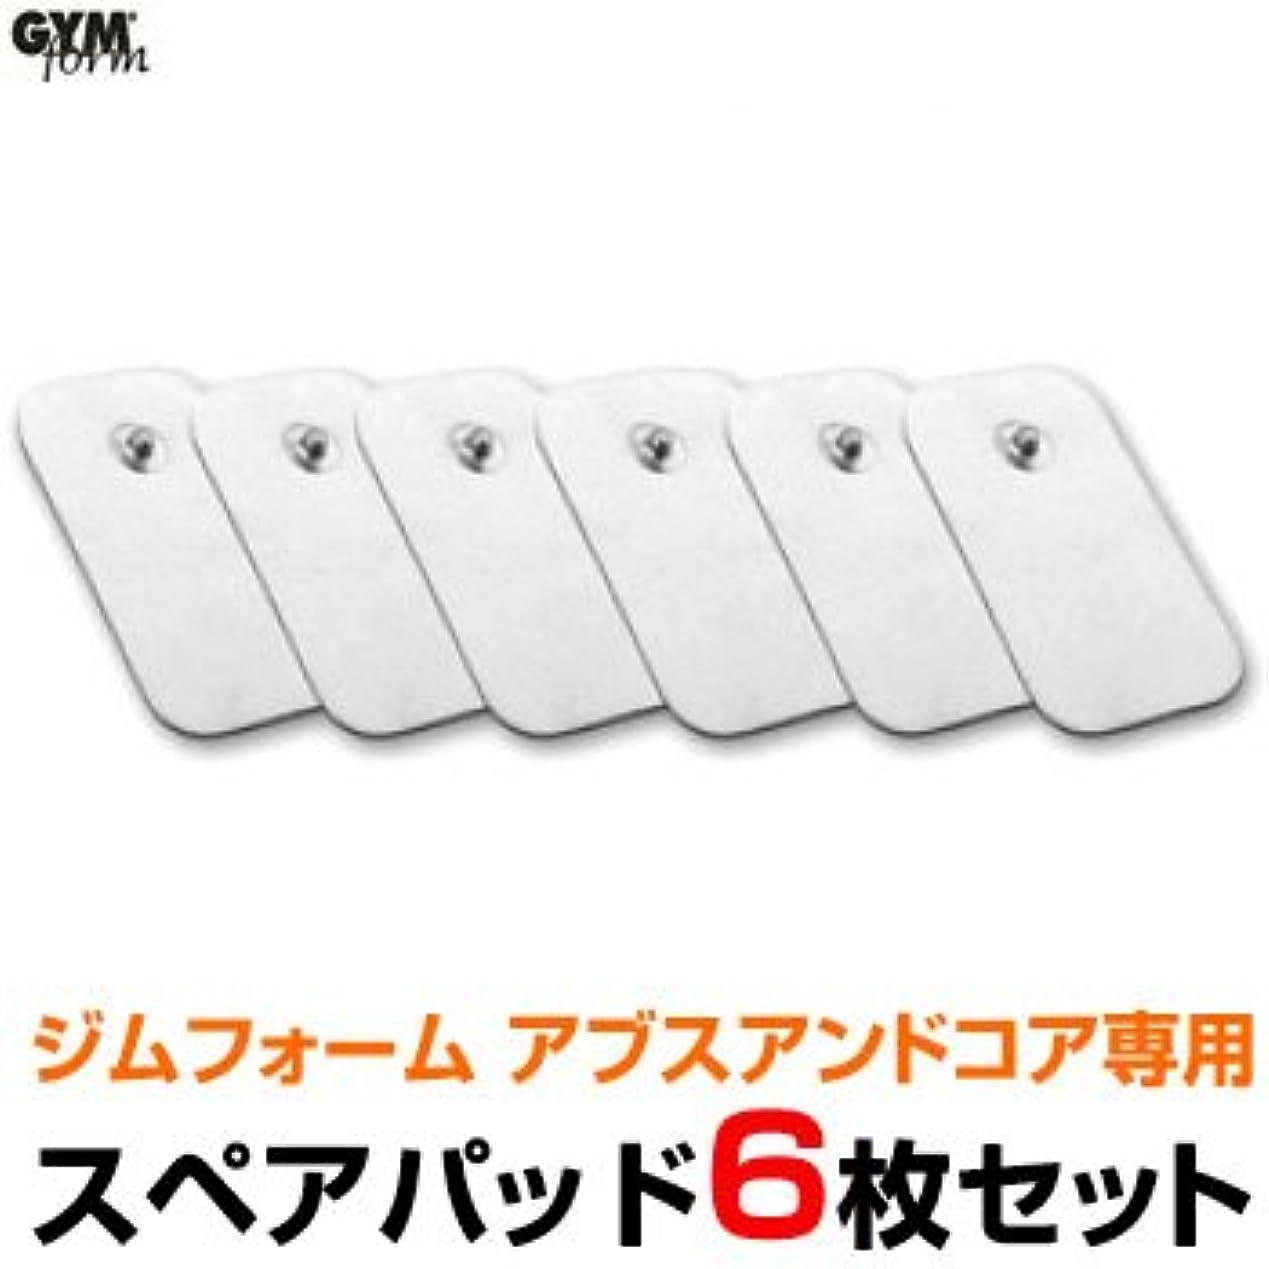 制裁処理結論ジムフォーム アブス&コア専用スペアパッド(GYMform ABS&CORE)6枚セット